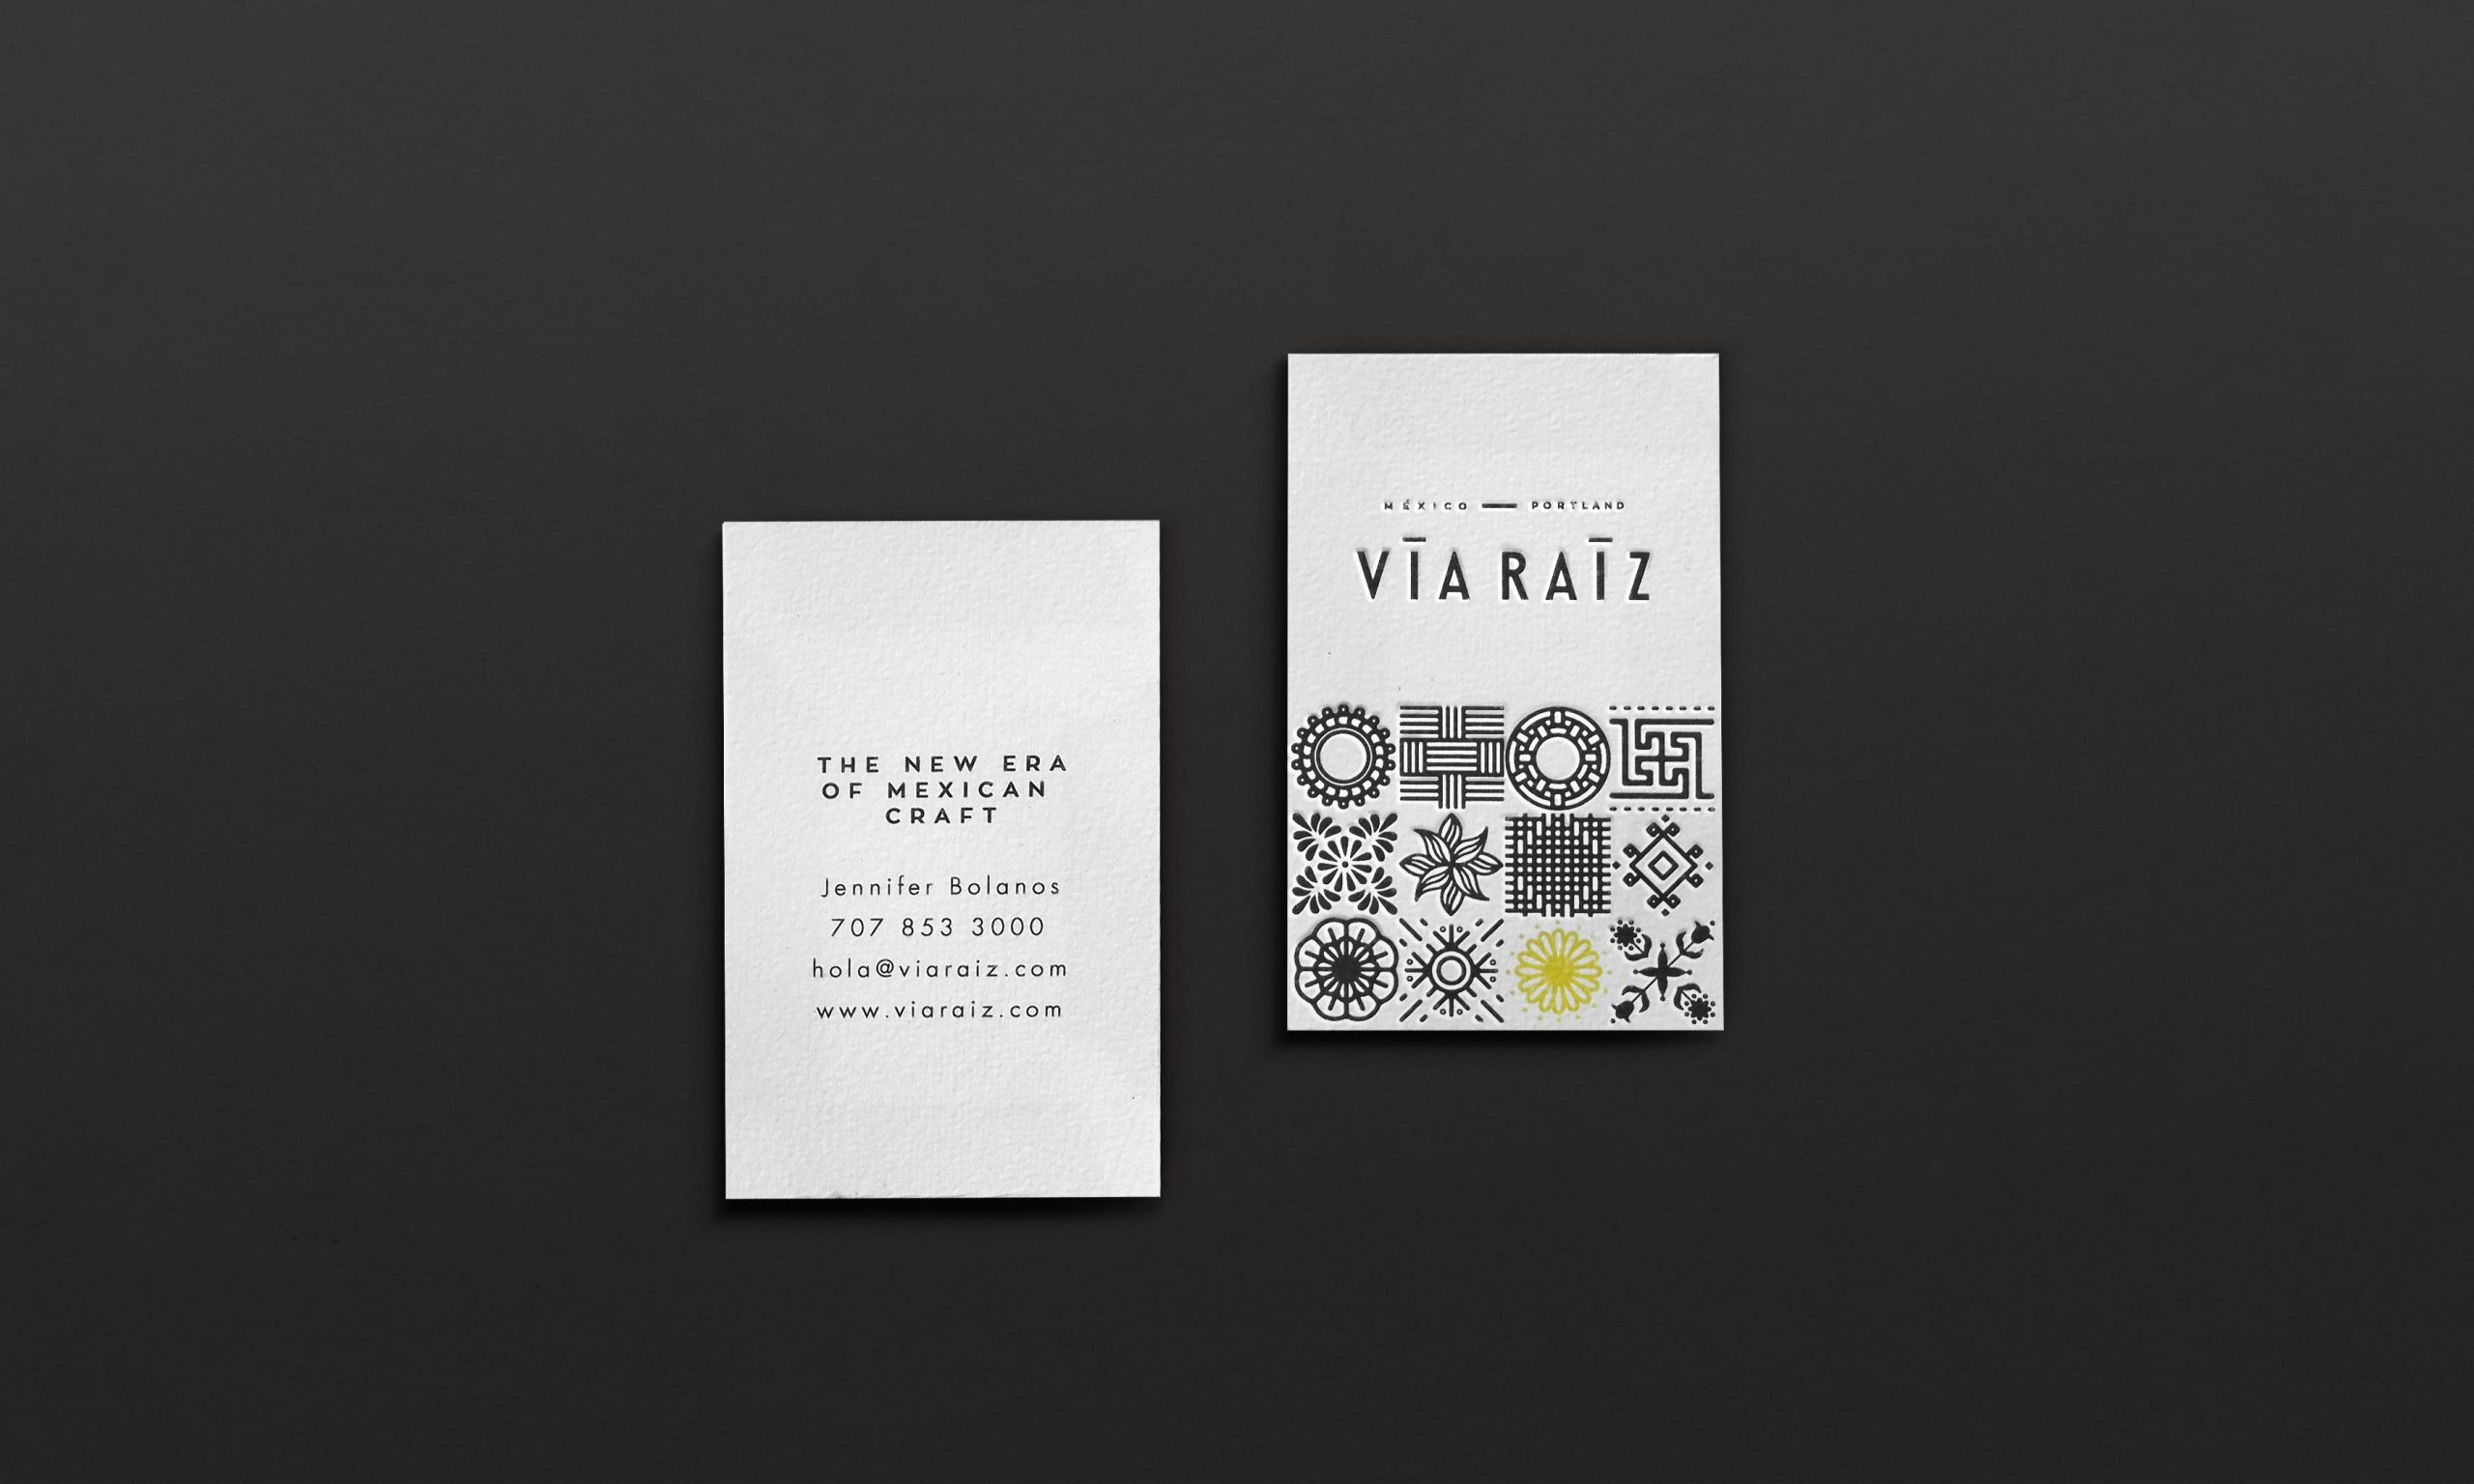 藝點工藝品牌VI設計案例-每天一點創意